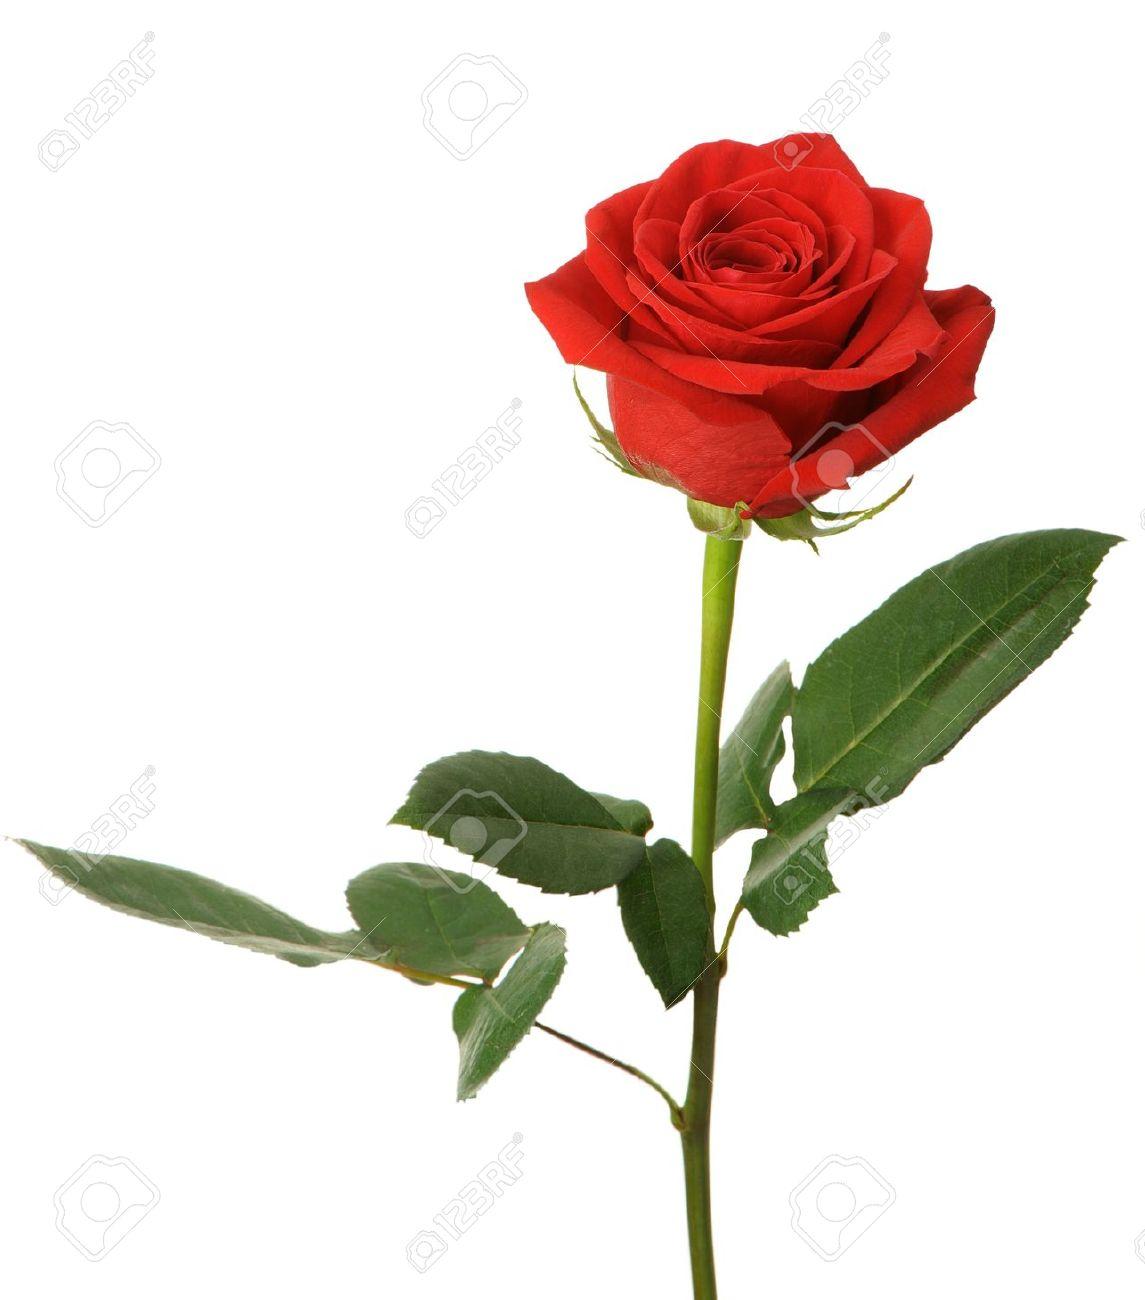 Immagini Stock Rosa Rossa è Isolato Su Uno Sfondo Bianco Image